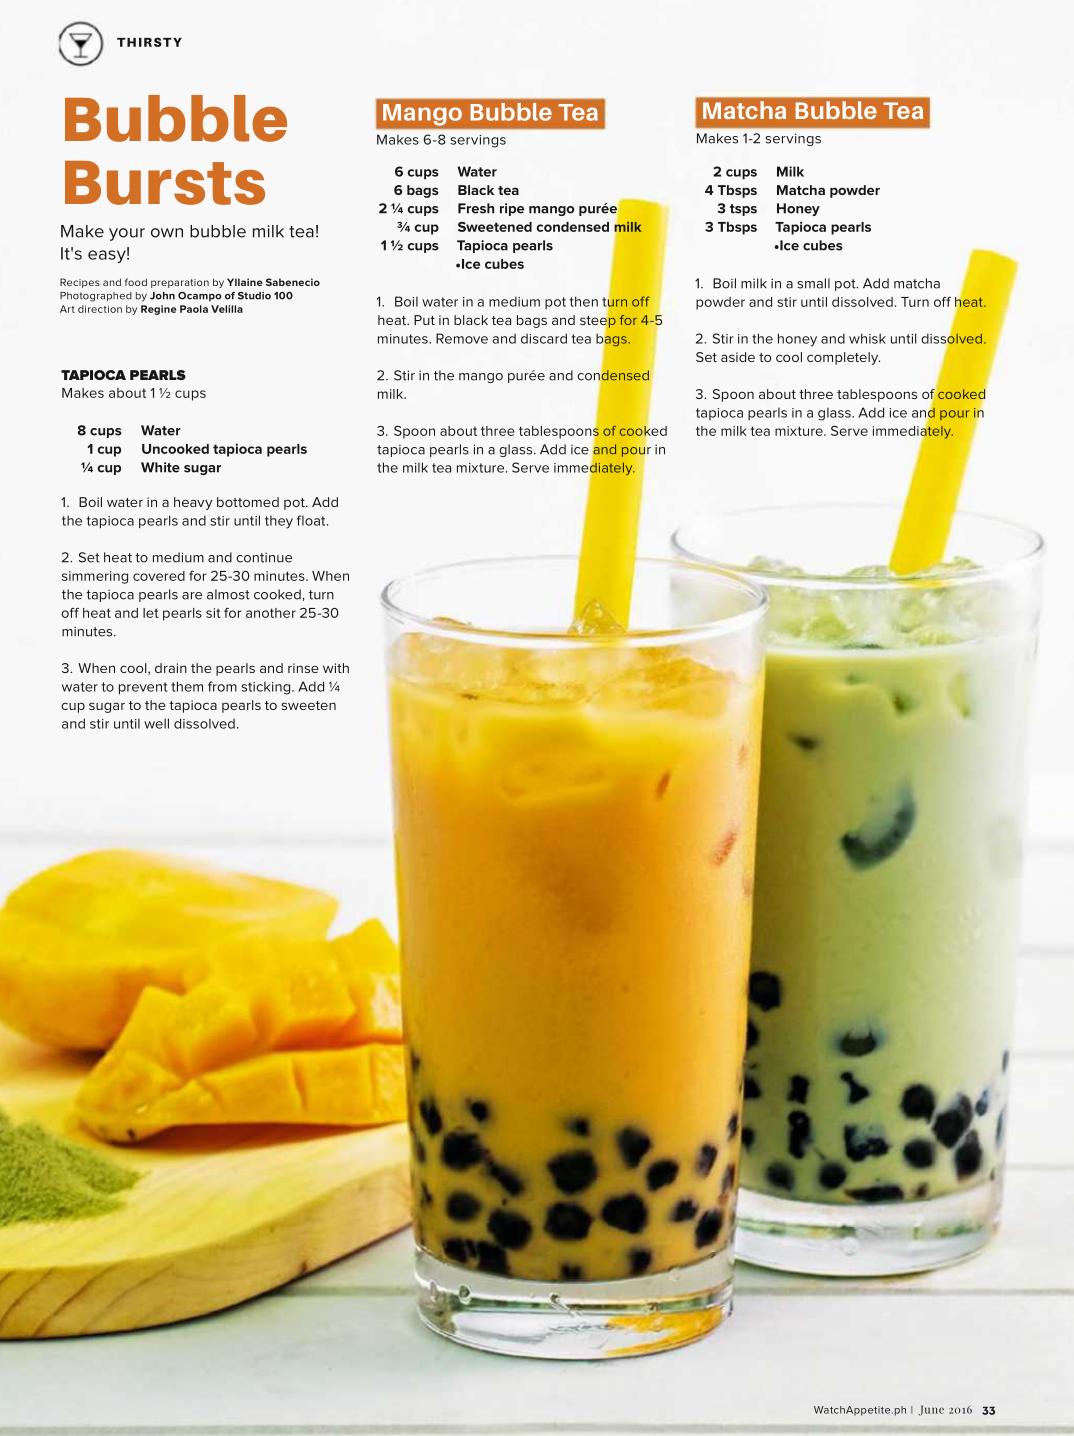 mango bubble tea and matcha bubble tea bubble tea recipe boba tea recipe milk tea recipes pinterest